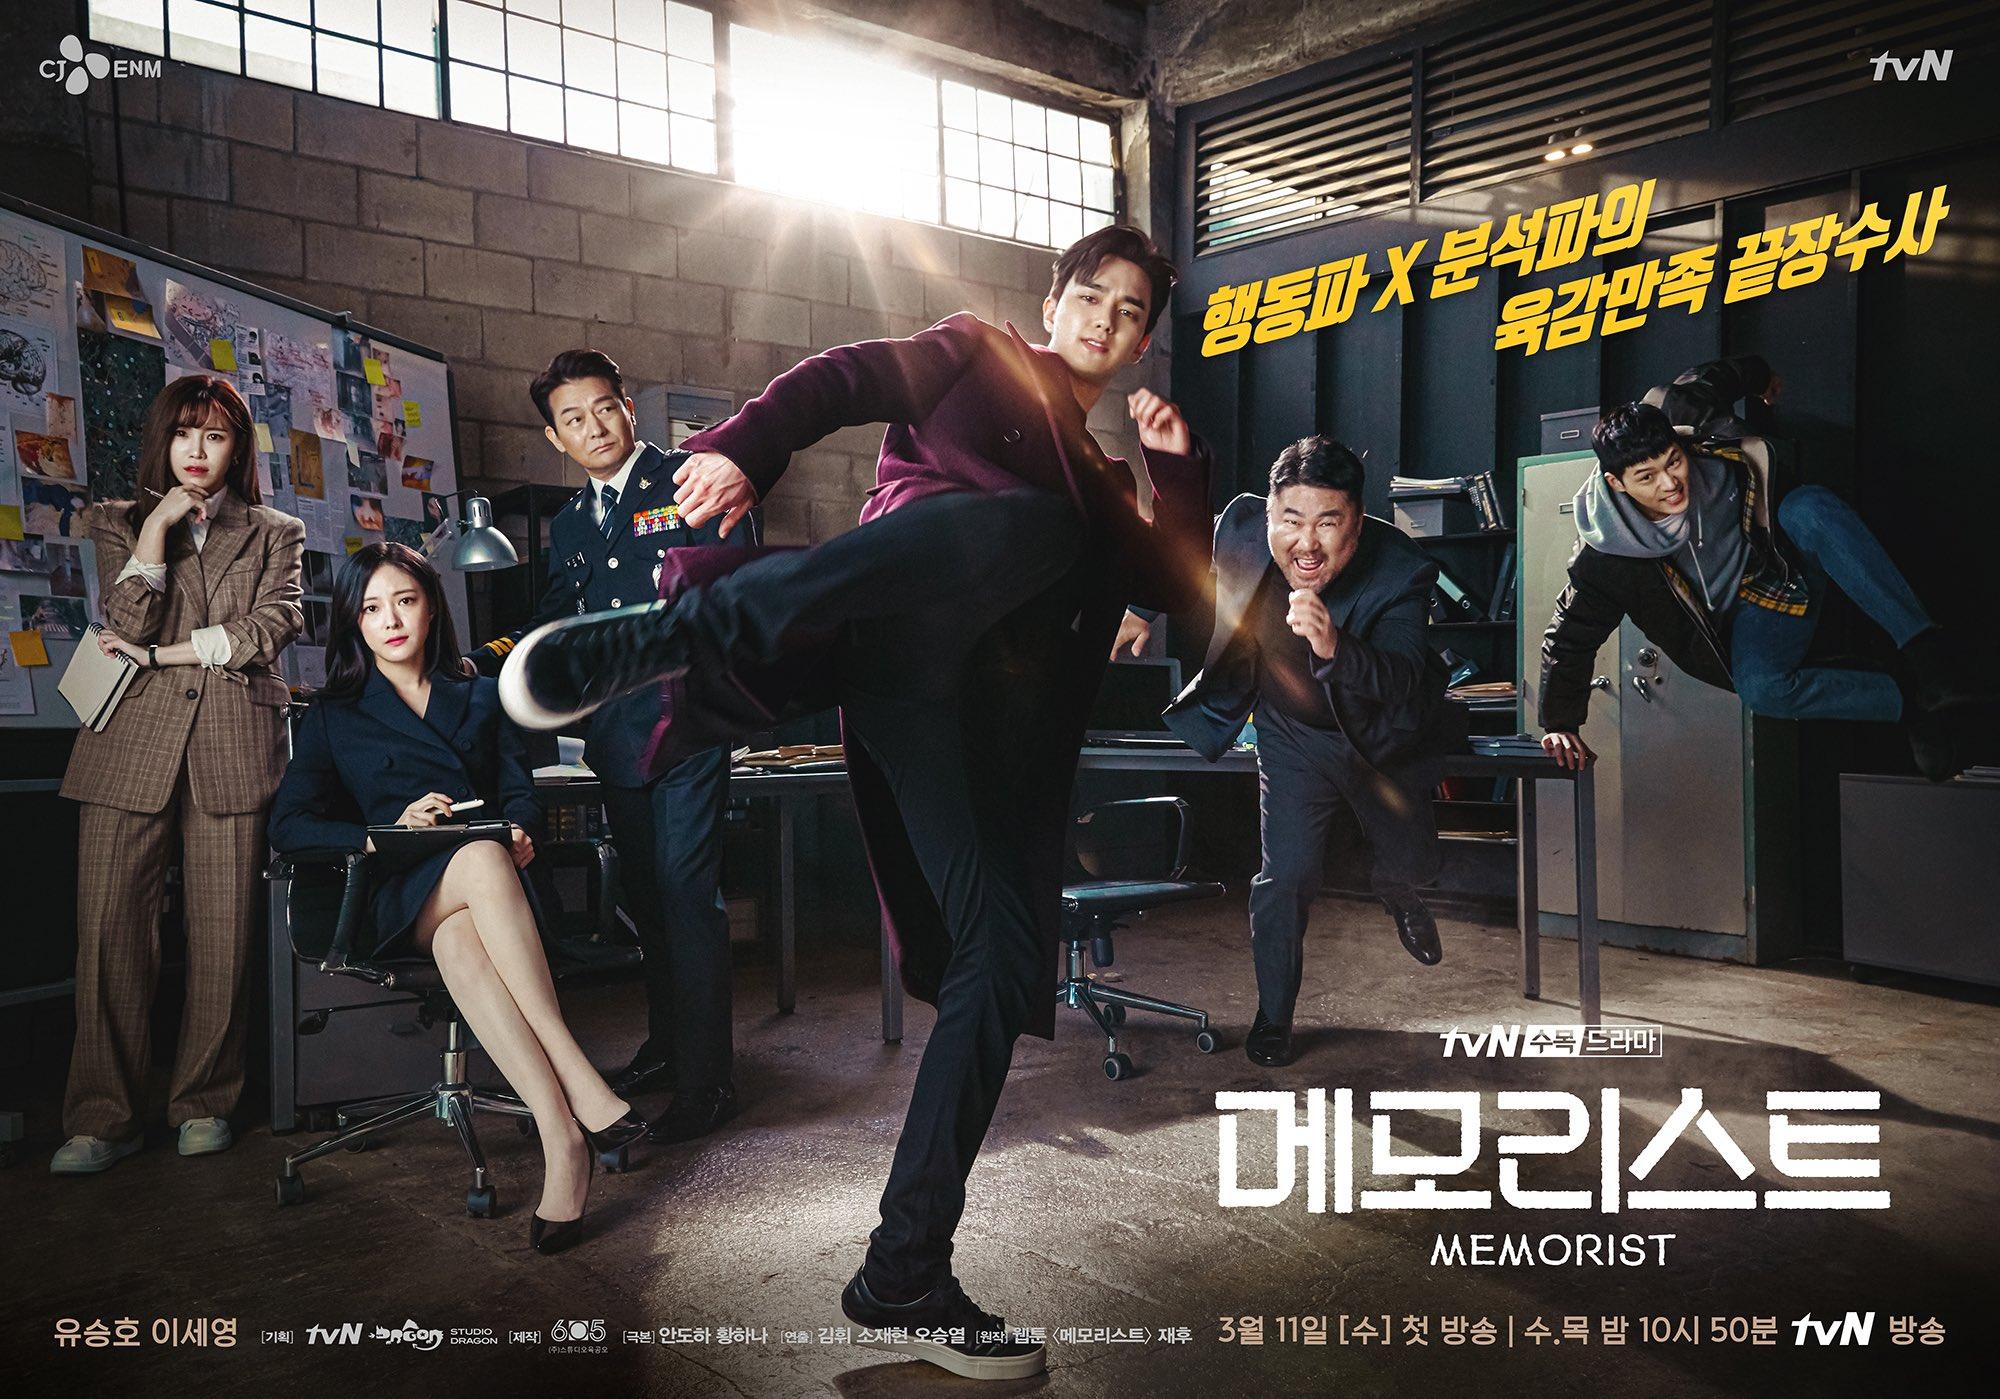 超能警探 메모리스트 (2020) 中文字幕